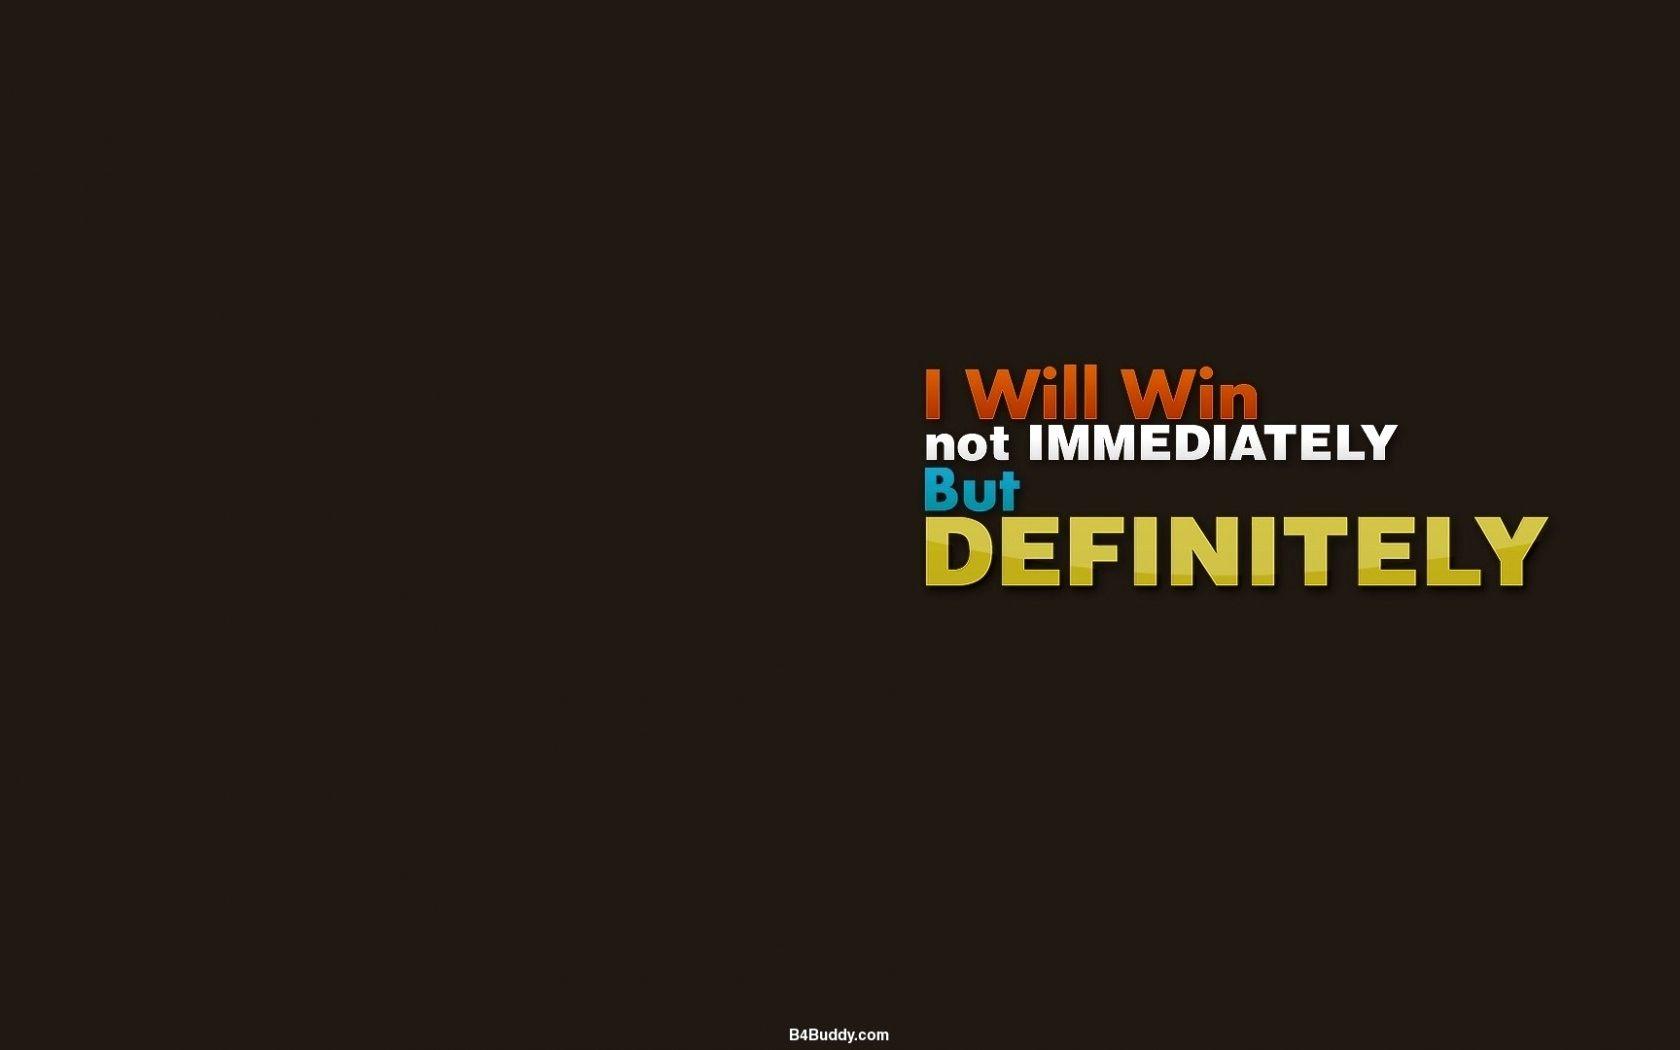 Ultra Hd 4k Wallpaper Quotes Ideas Kutipan Motivasi Motivasi Kutipan